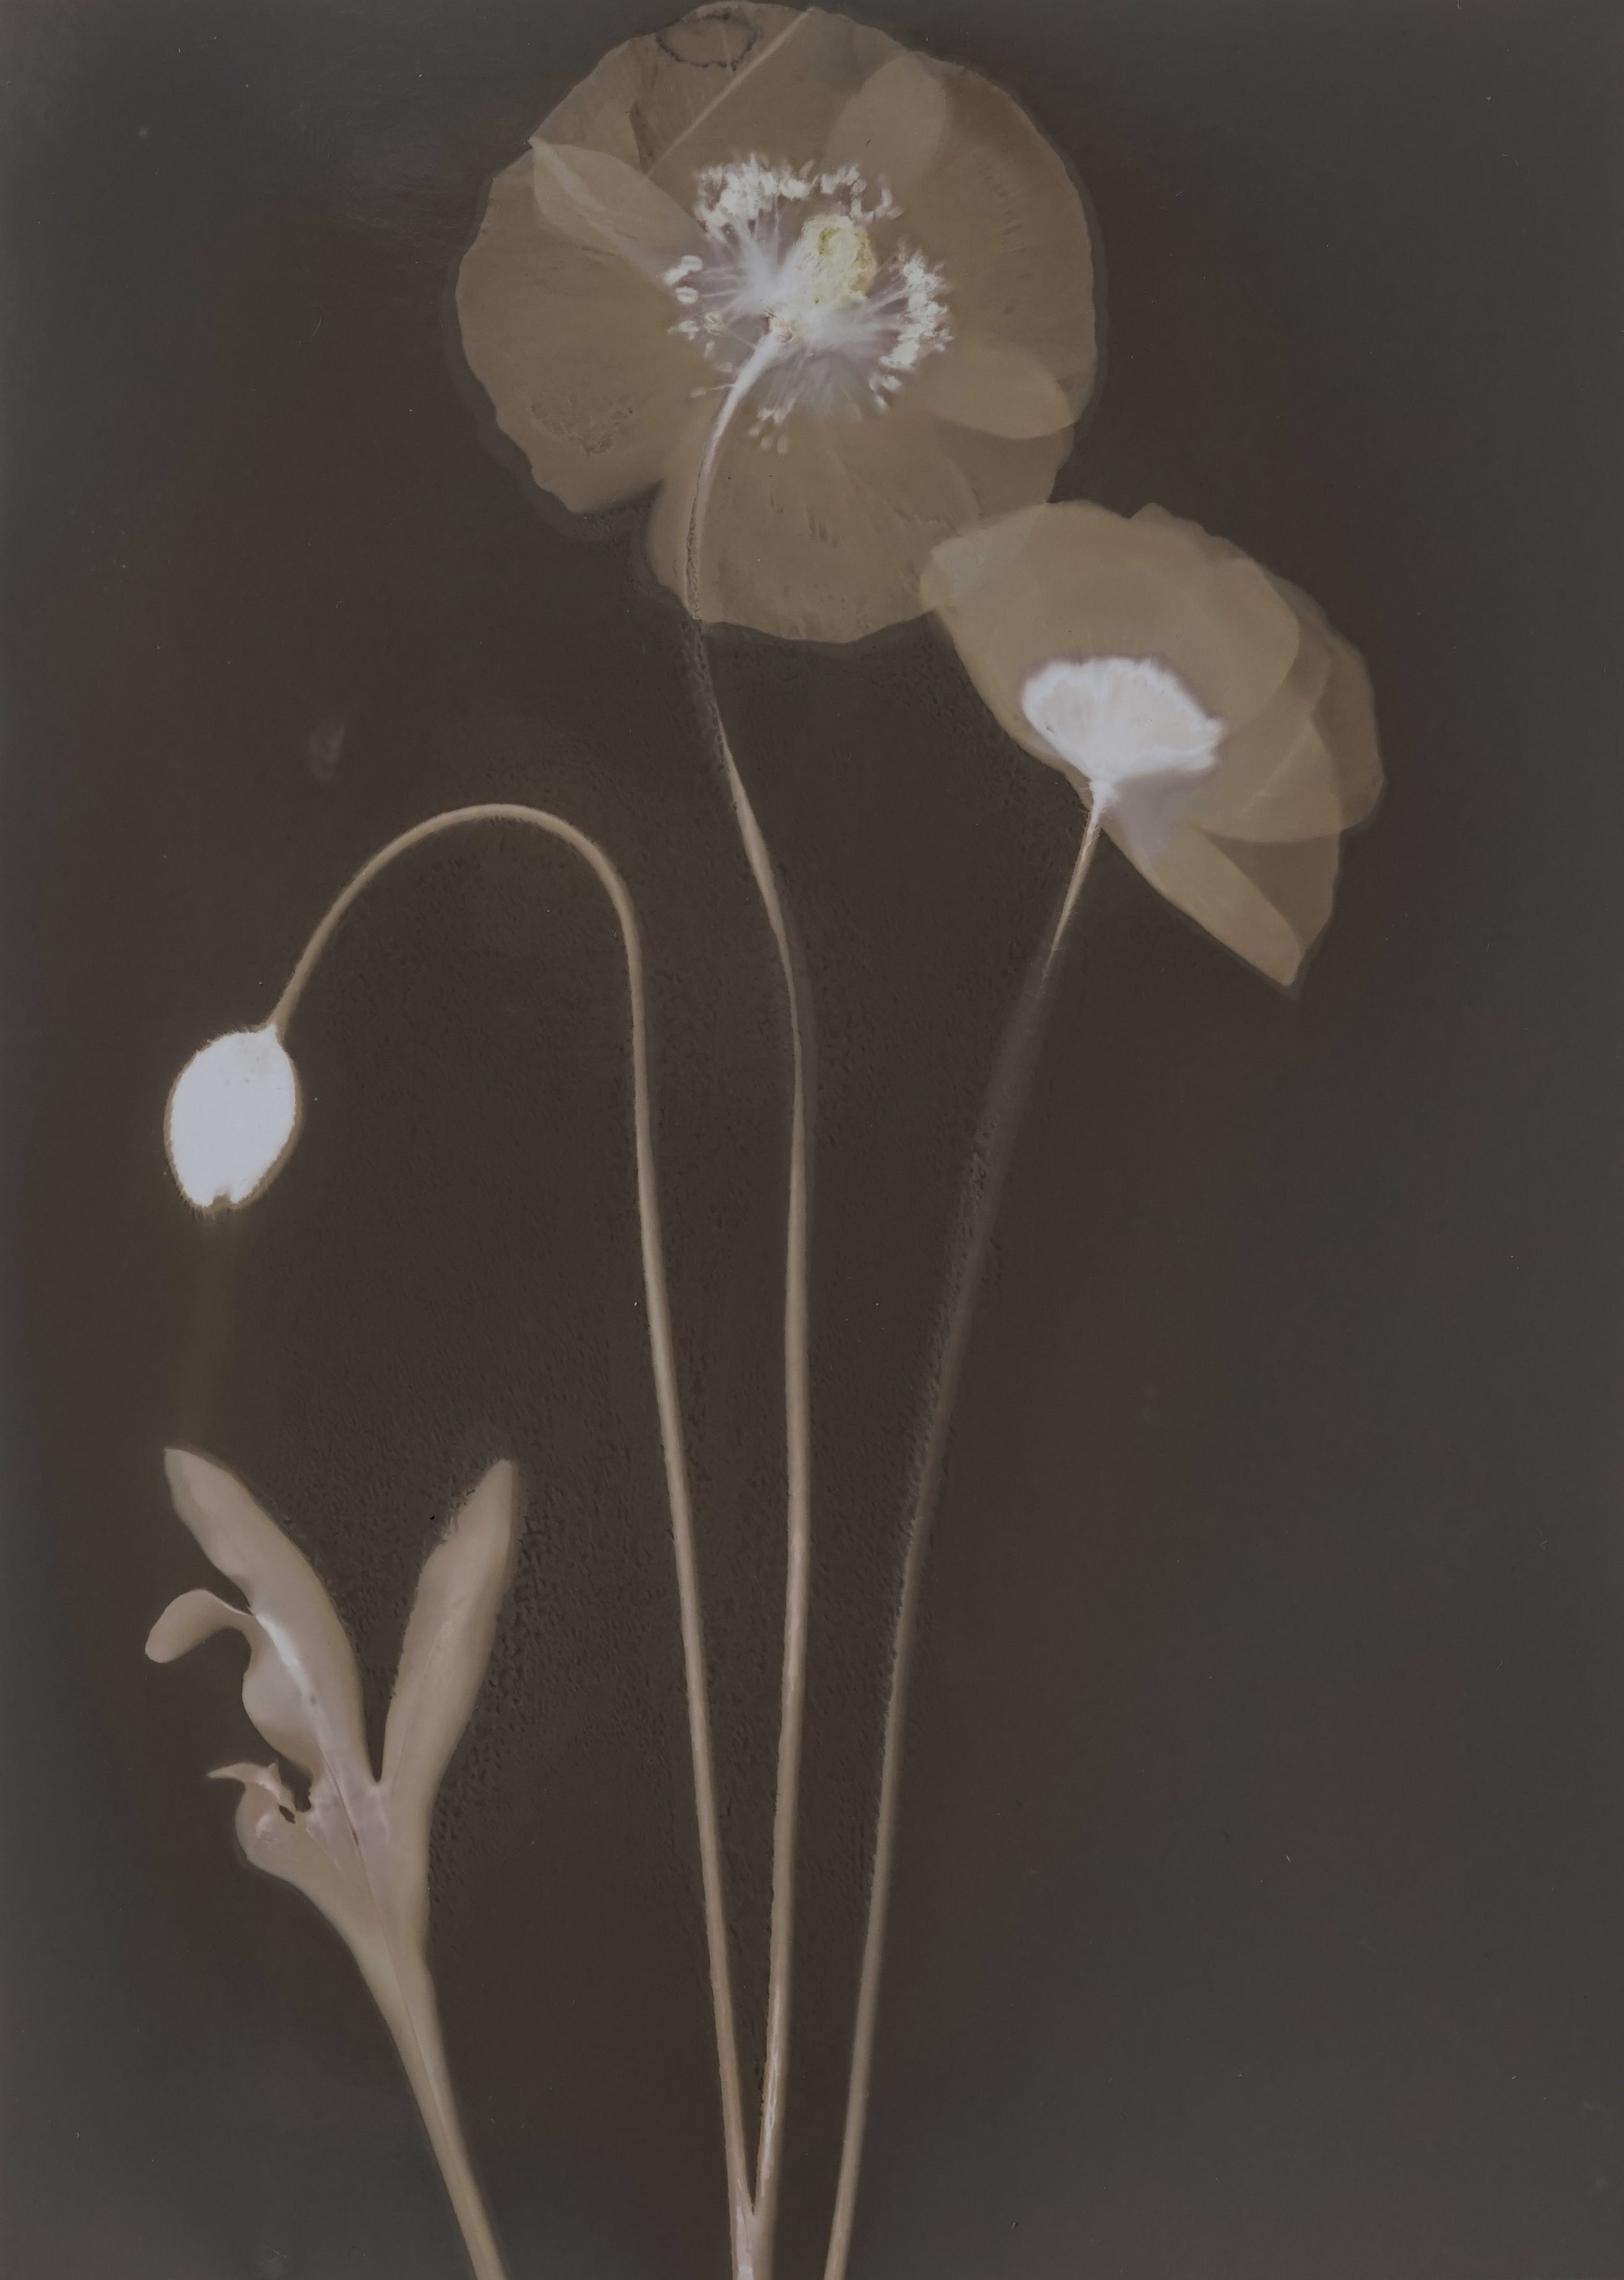 Papver raeticum